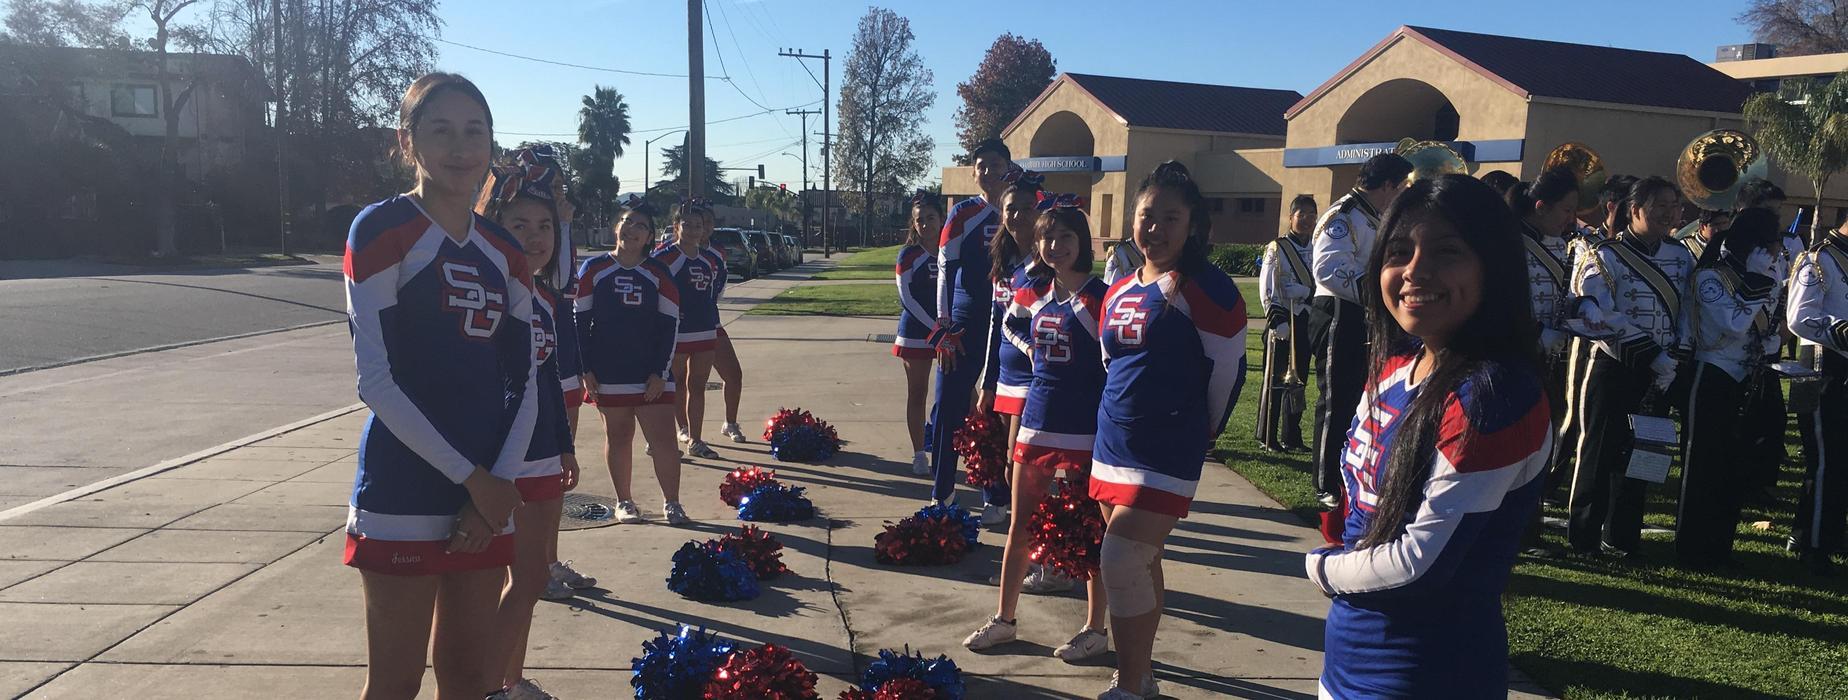 SGHS Matador Cheer Team